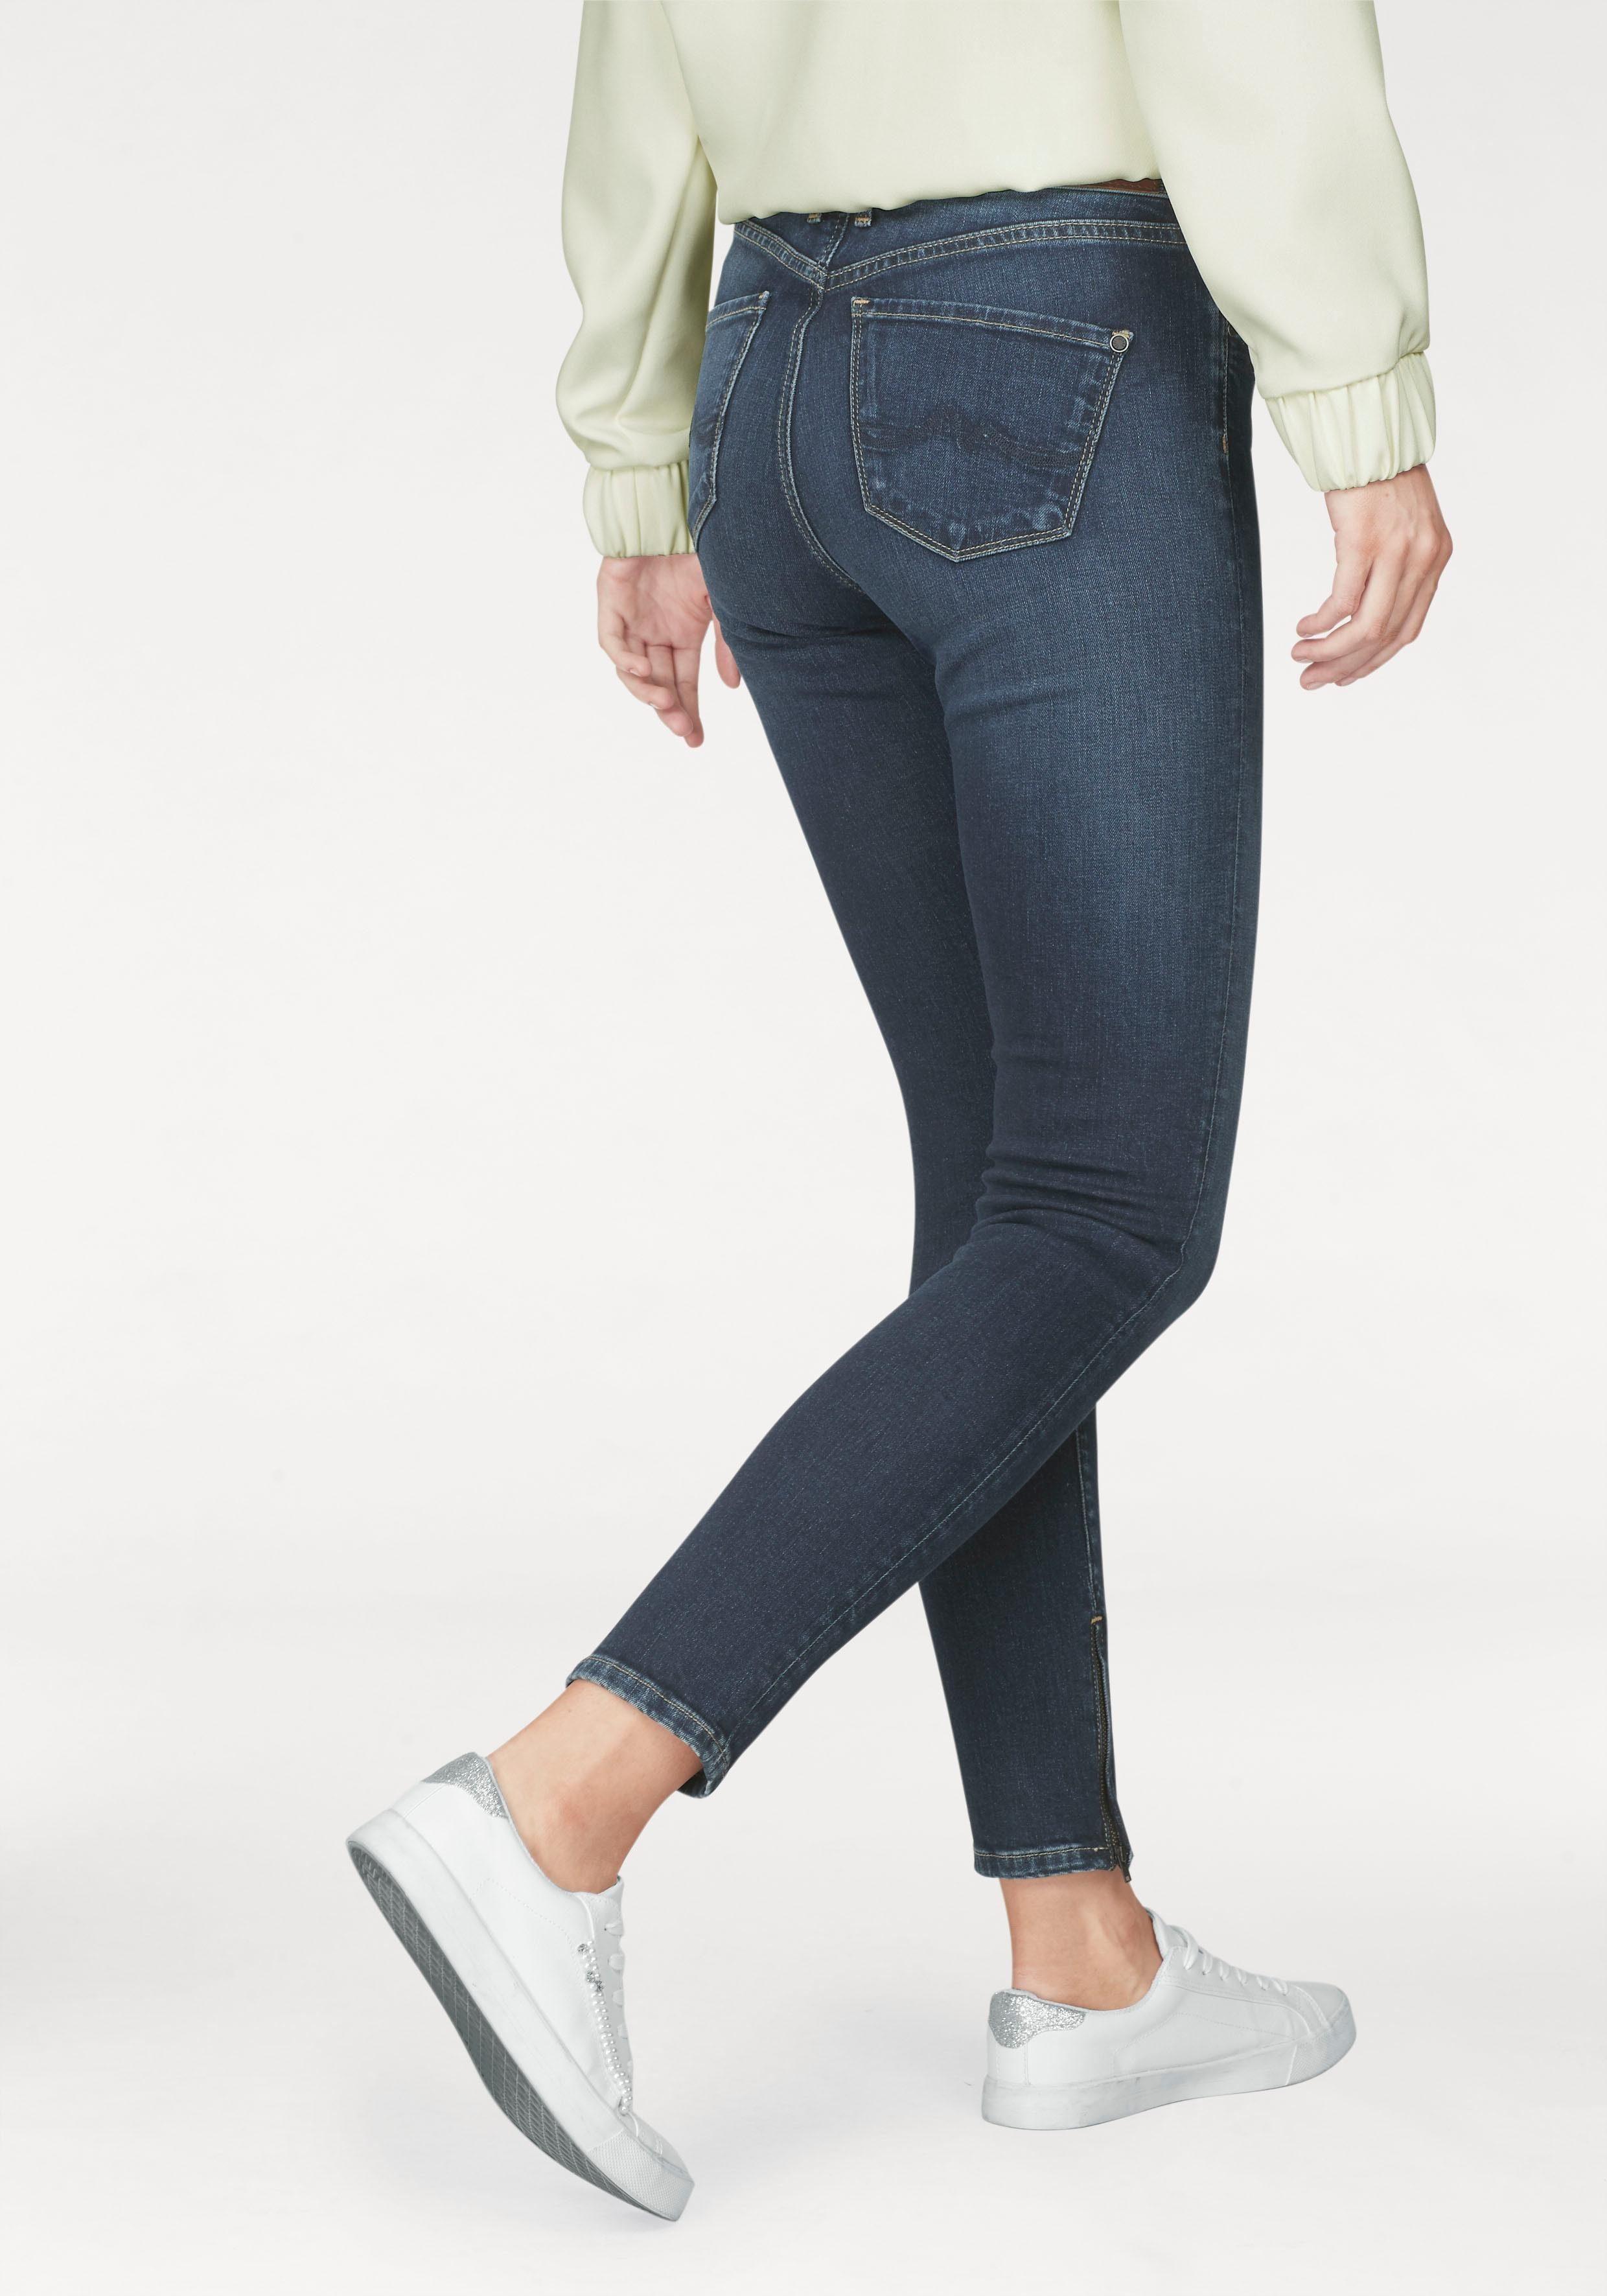 Pepe Джинсы  Скинни-fit-Jeans »CHER HIGHWAIST« mit Zip-Detail